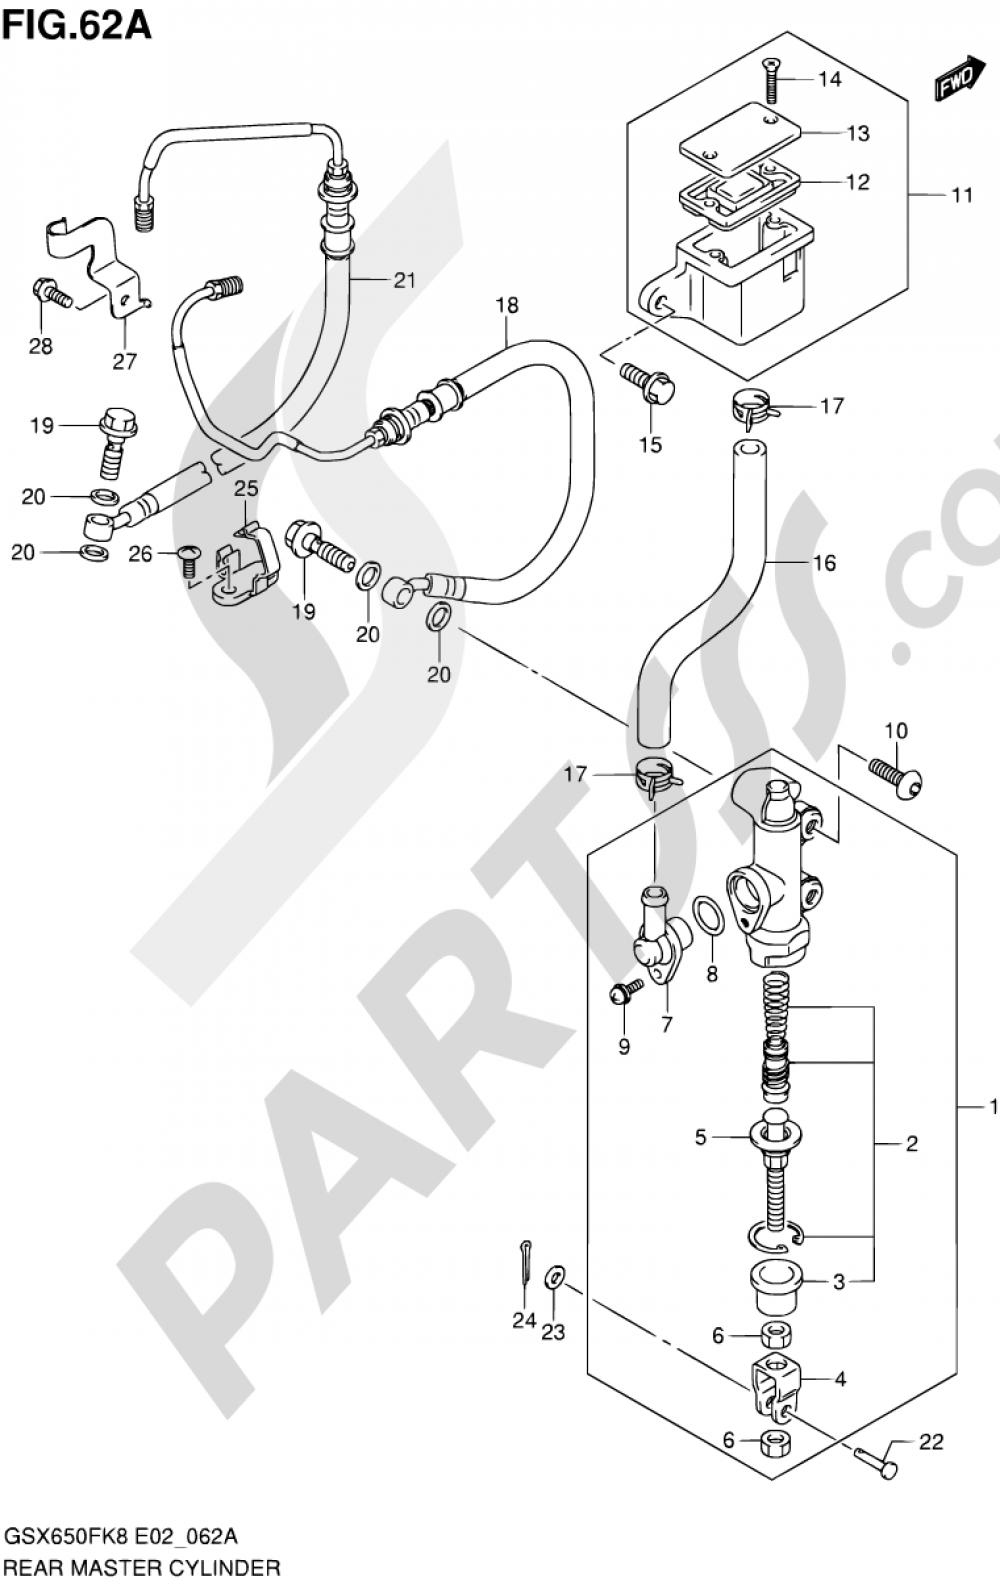 62A - REAR MASTER CYLINDER (GSX650FAK9/FUAK9/FL0/FUL0/FAL0/FUAL0) Suzuki GSX650F 2008